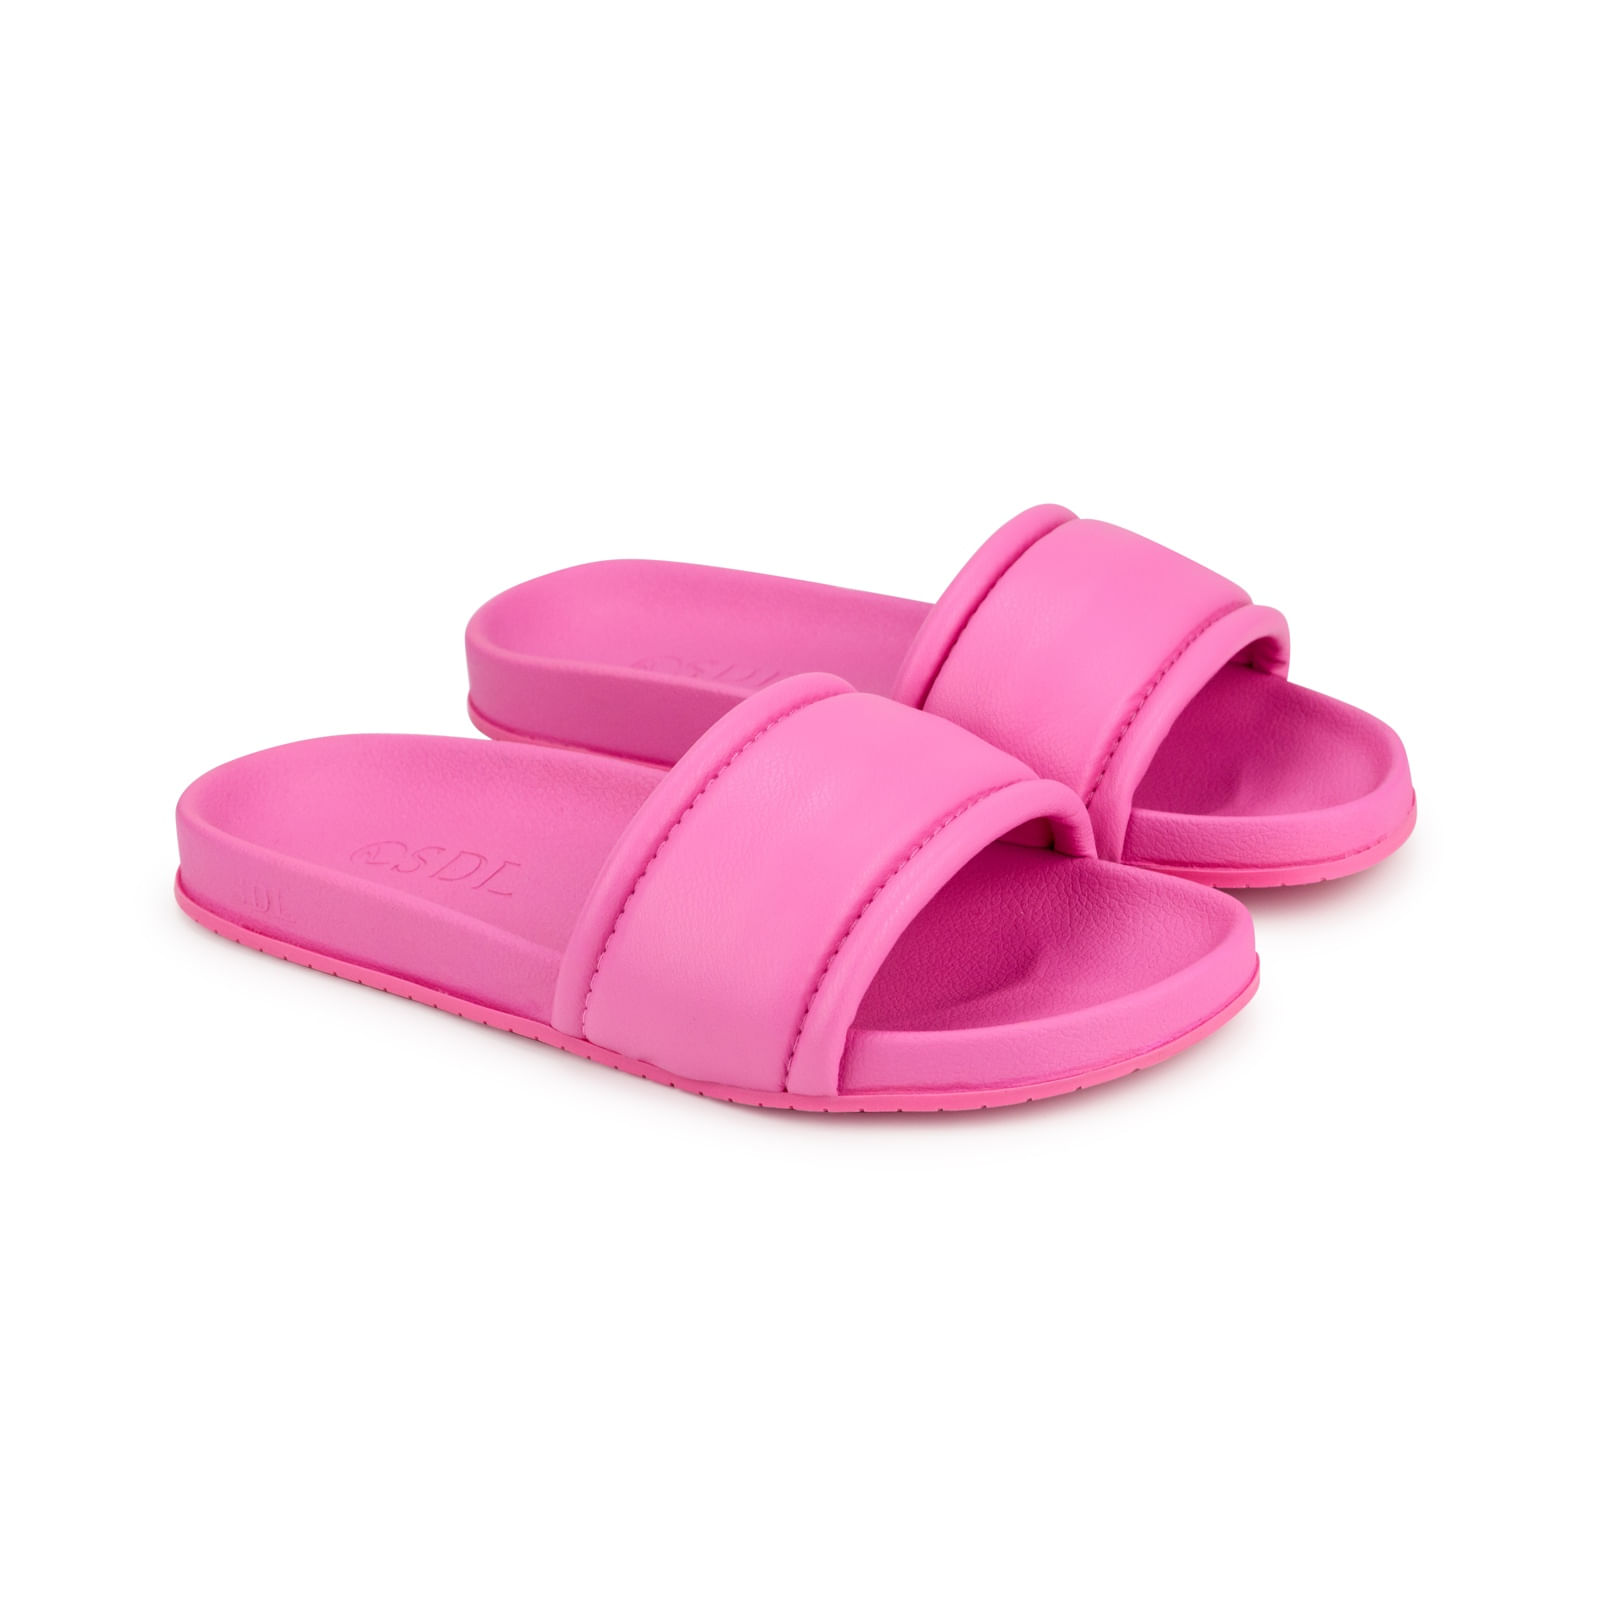 Rasteira Napa Soft Stretch Deep Pink Conforto